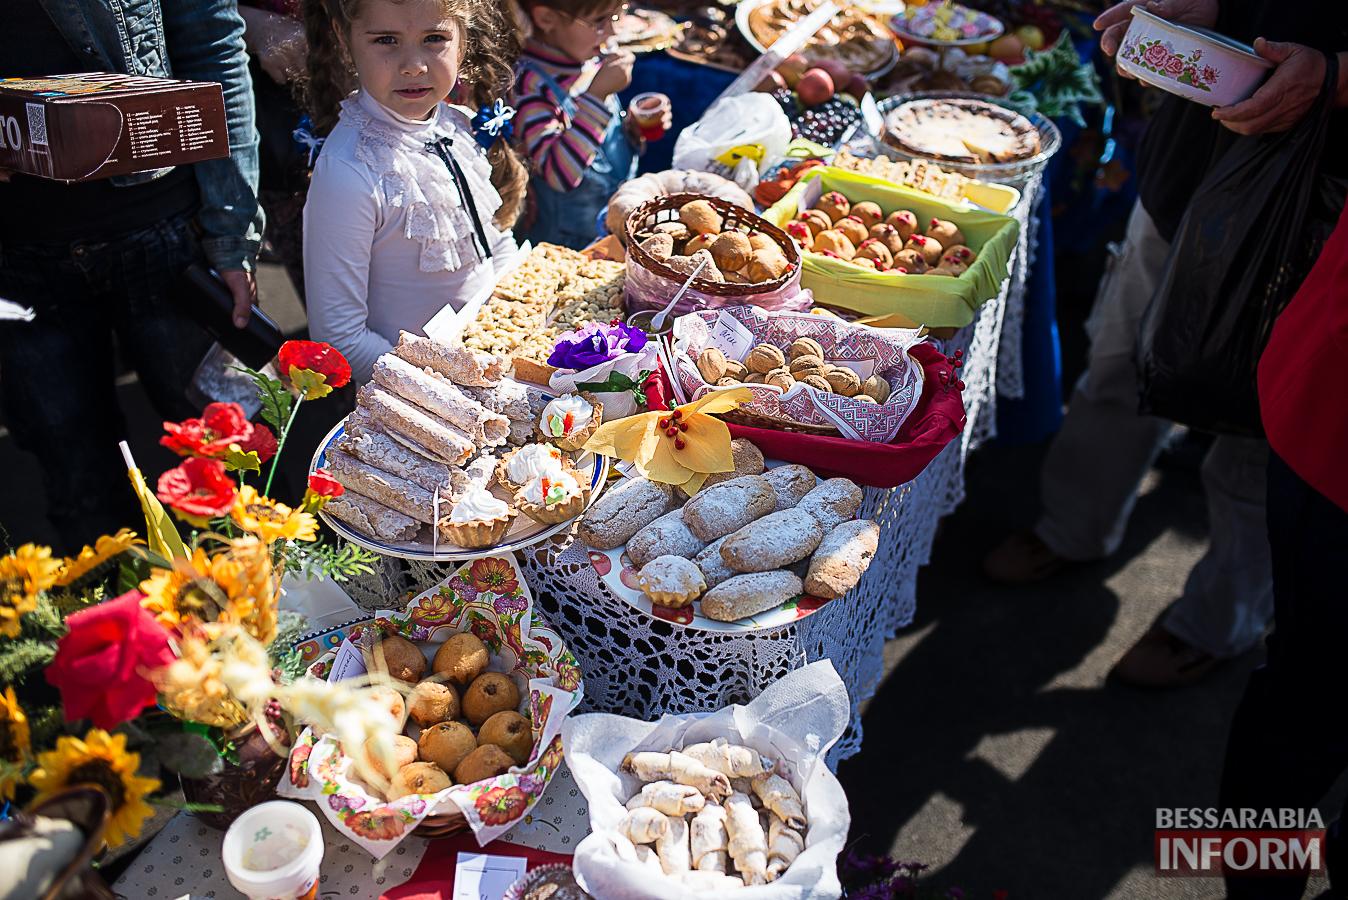 SME_0036 Измаил: в ОШ №16 прошла благотворительная сладкая ярмарка (фото)